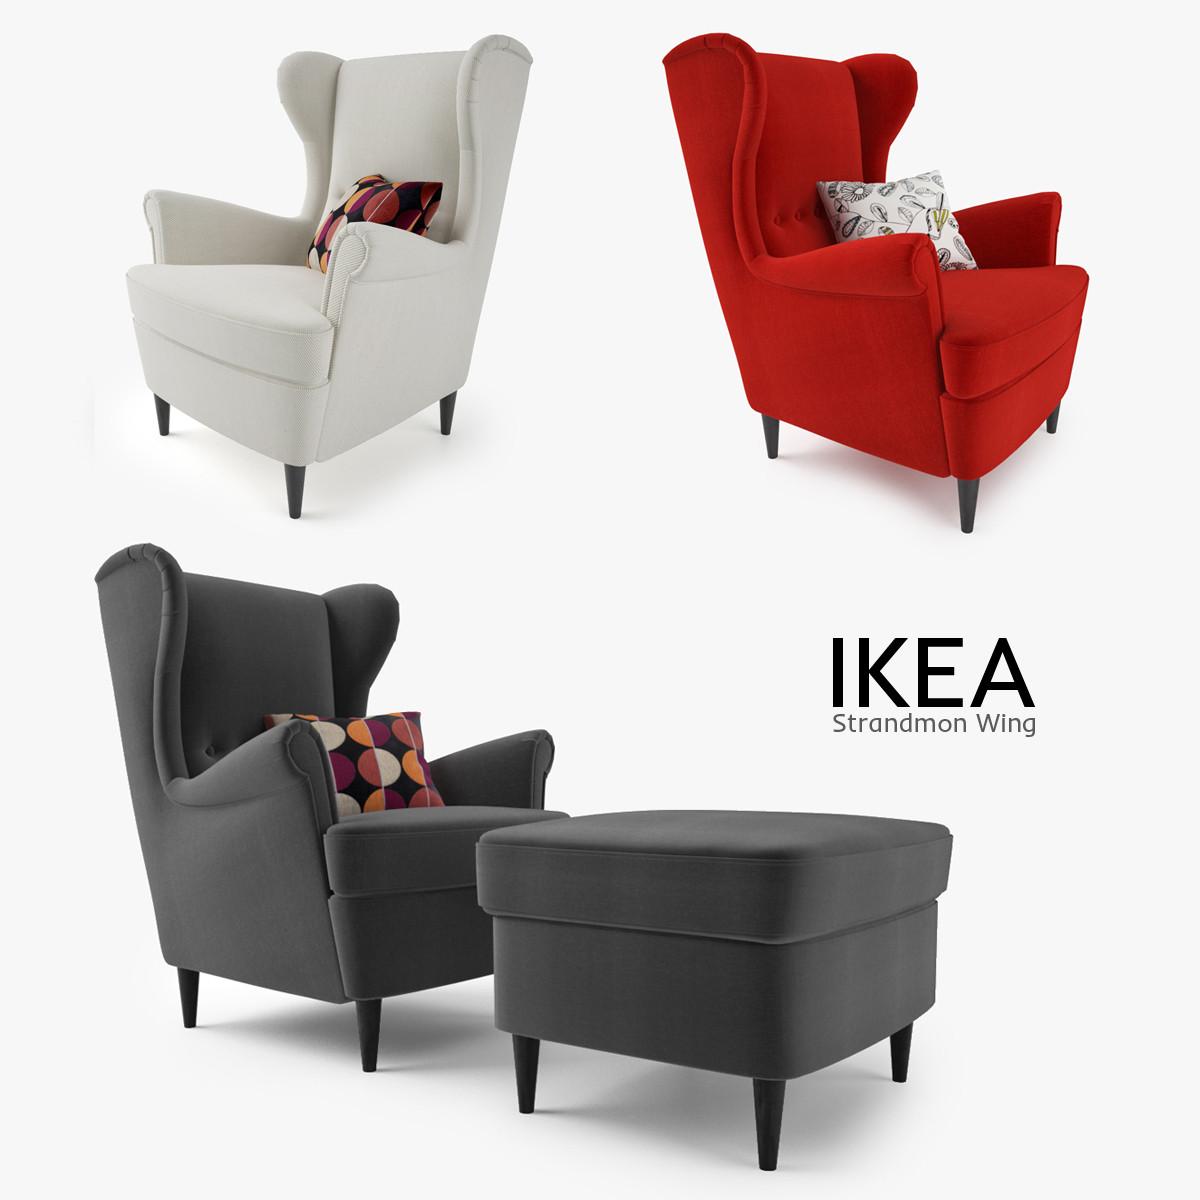 strandmon wing chair review best outdoor teak lounge 3d model ikea